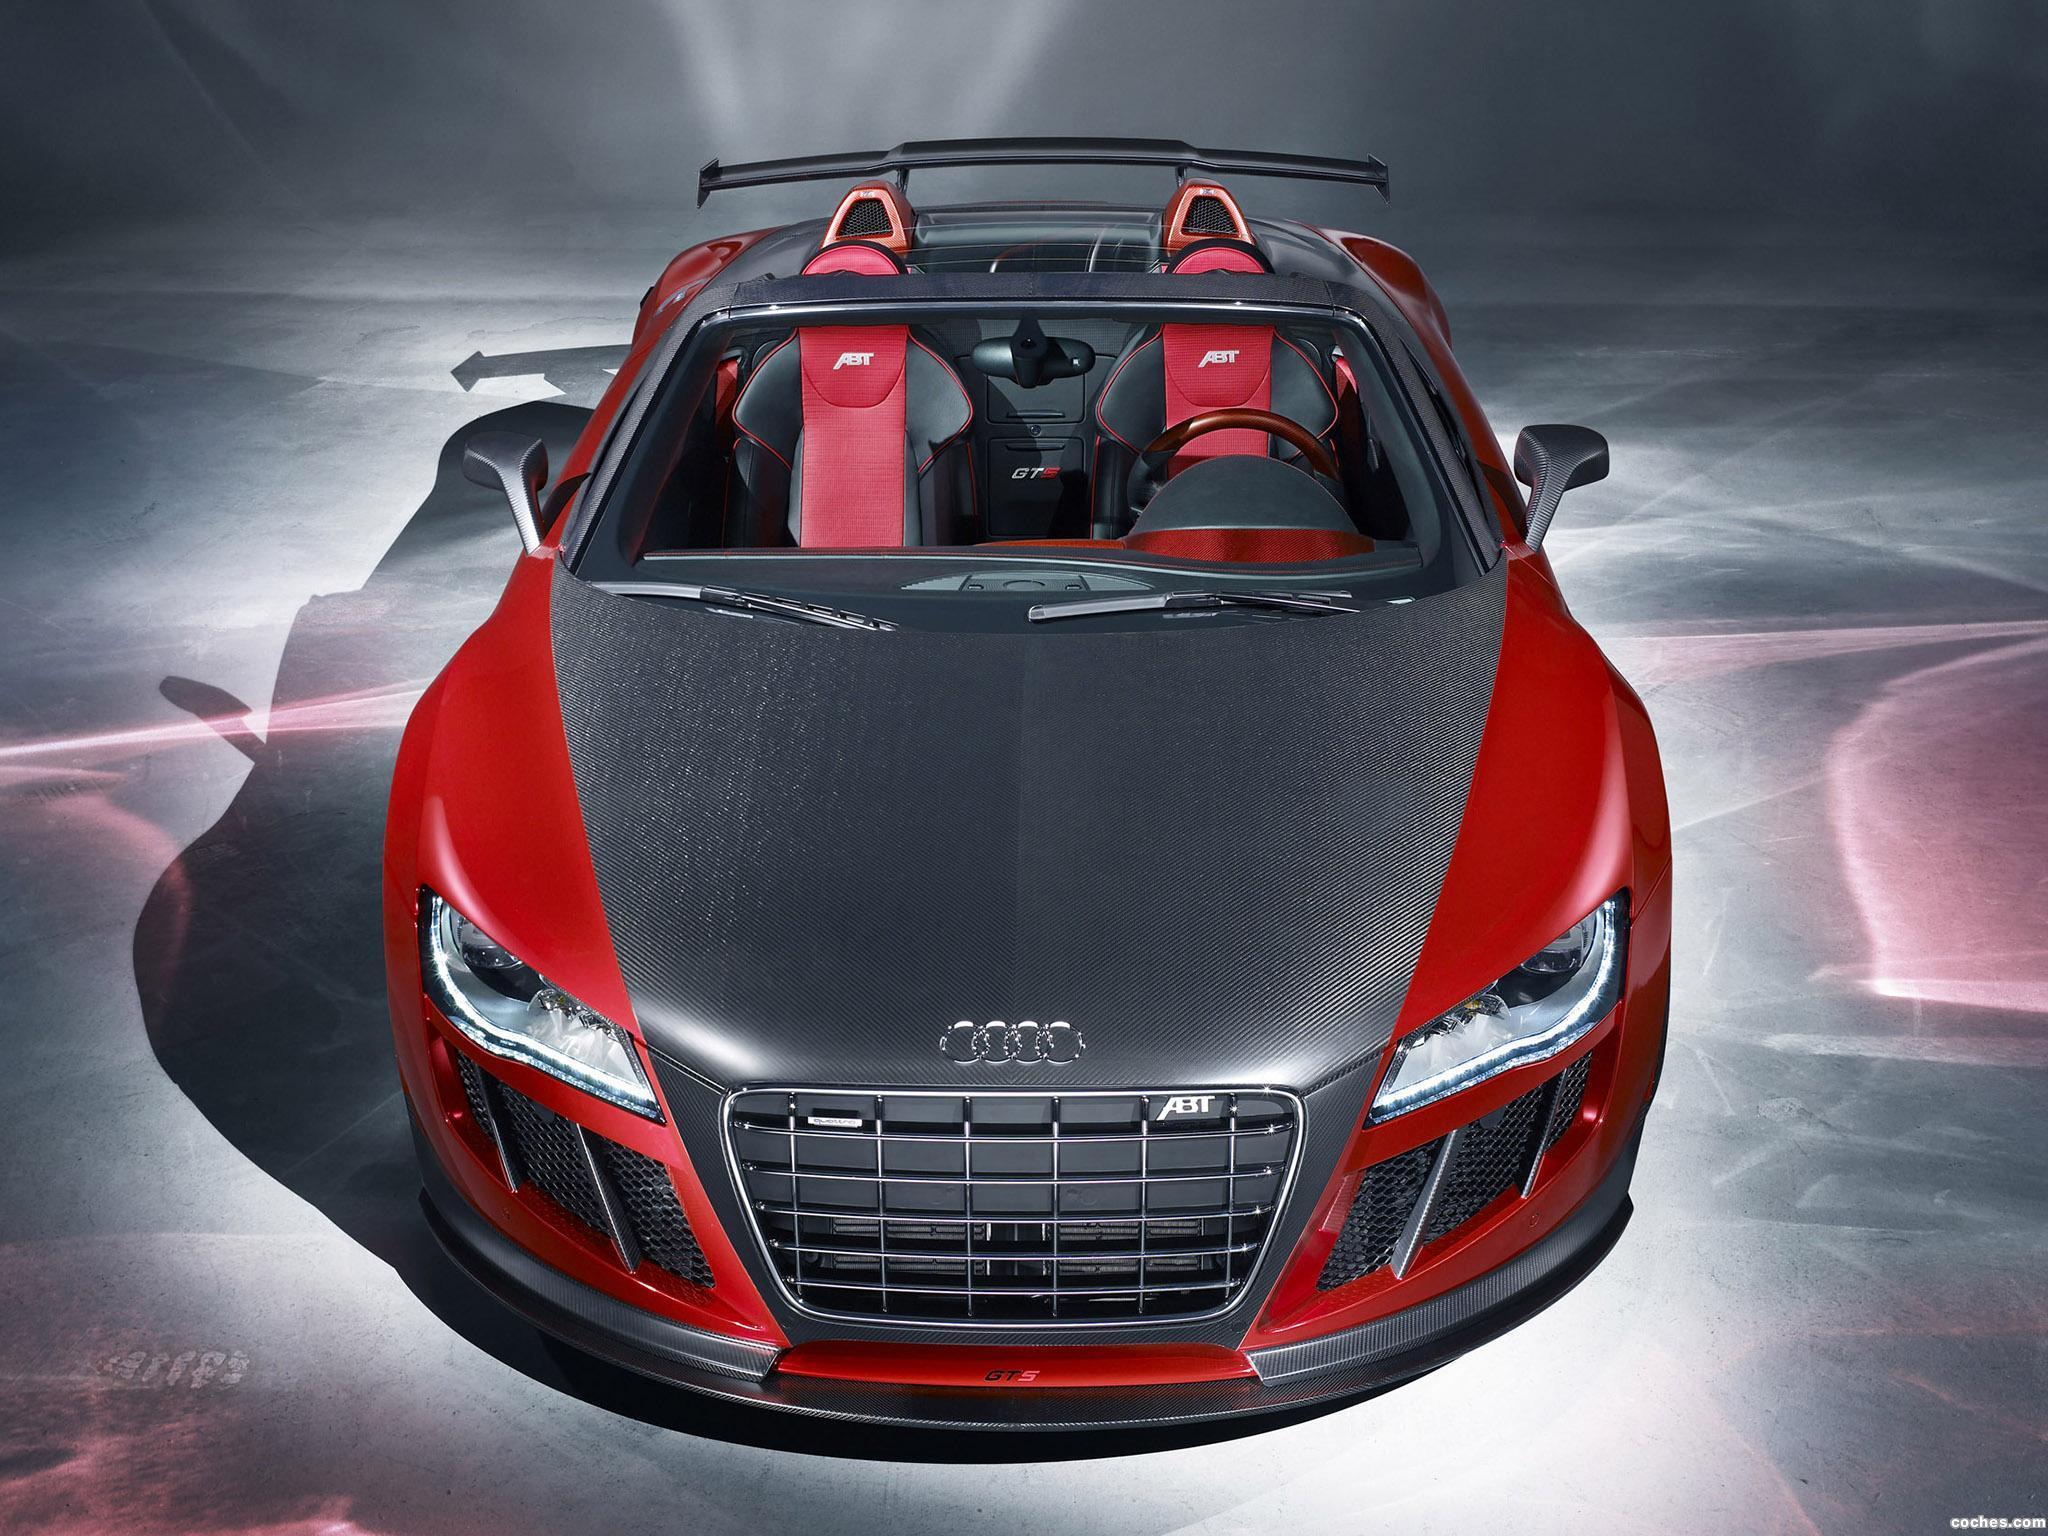 Foto 0 de Audi R8 GT S abt 2011